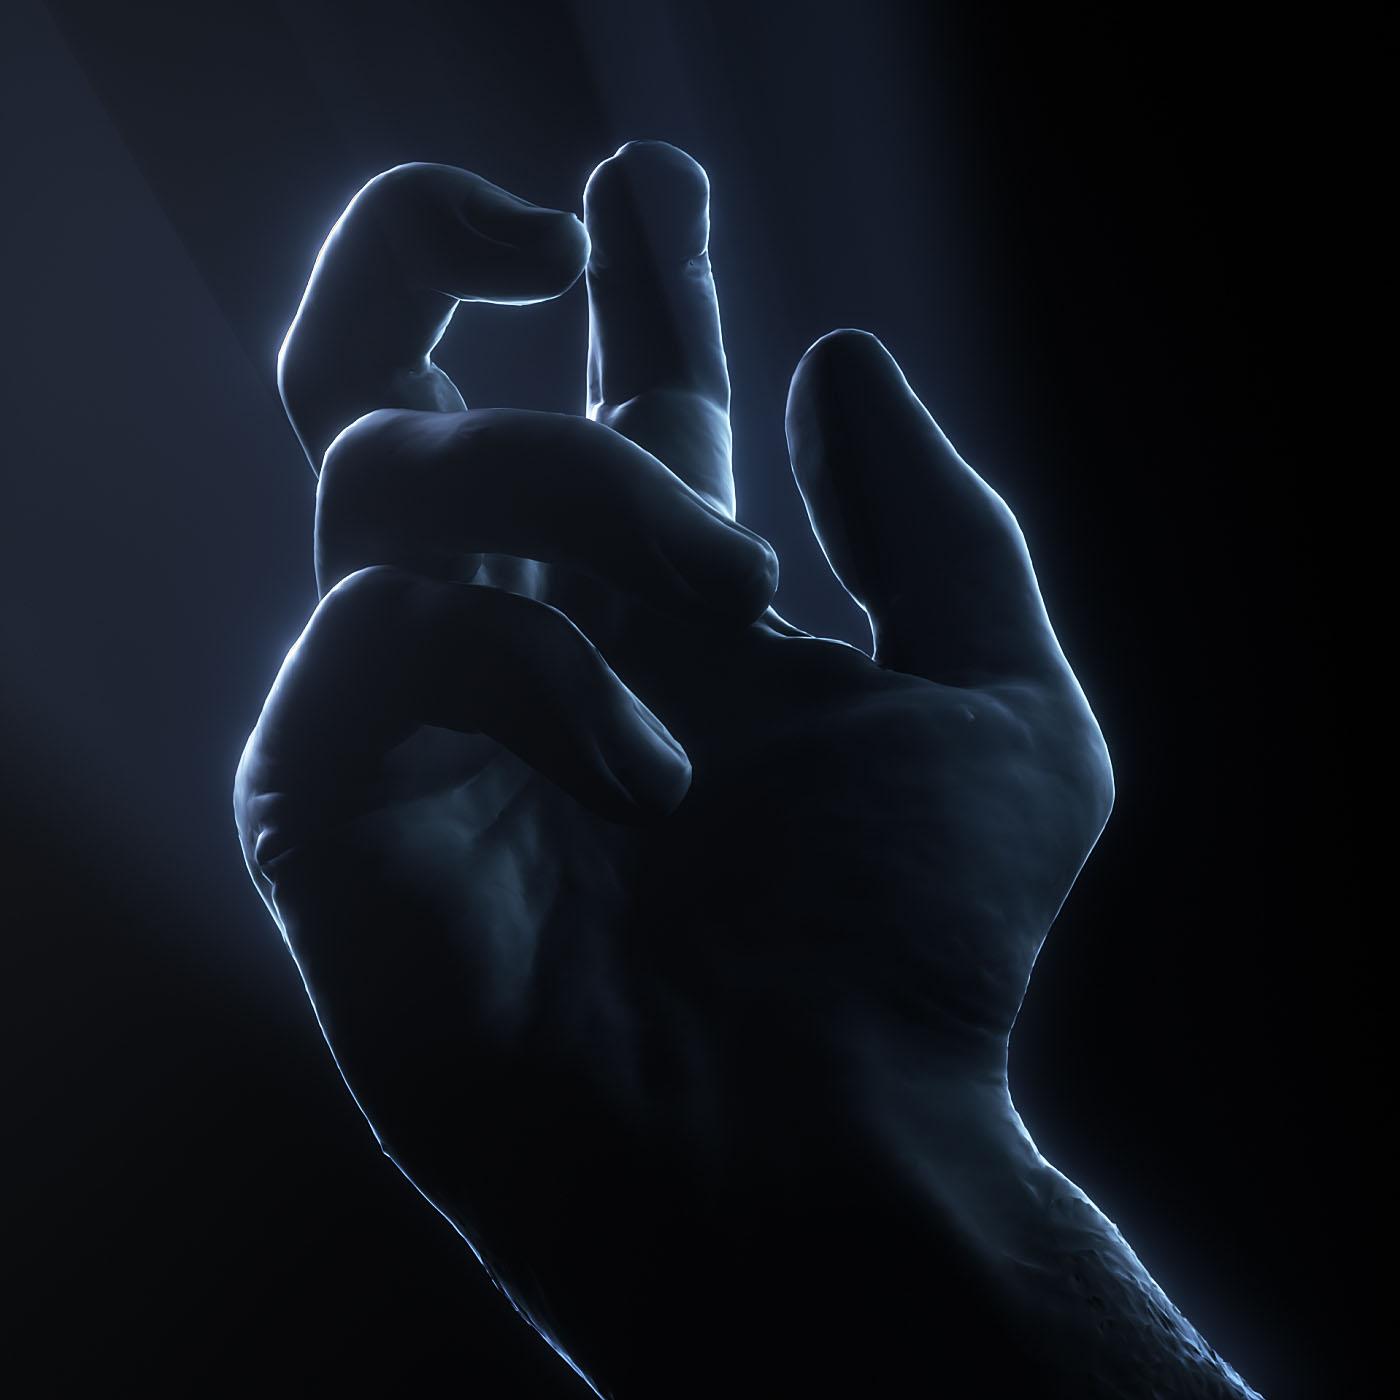 claw31